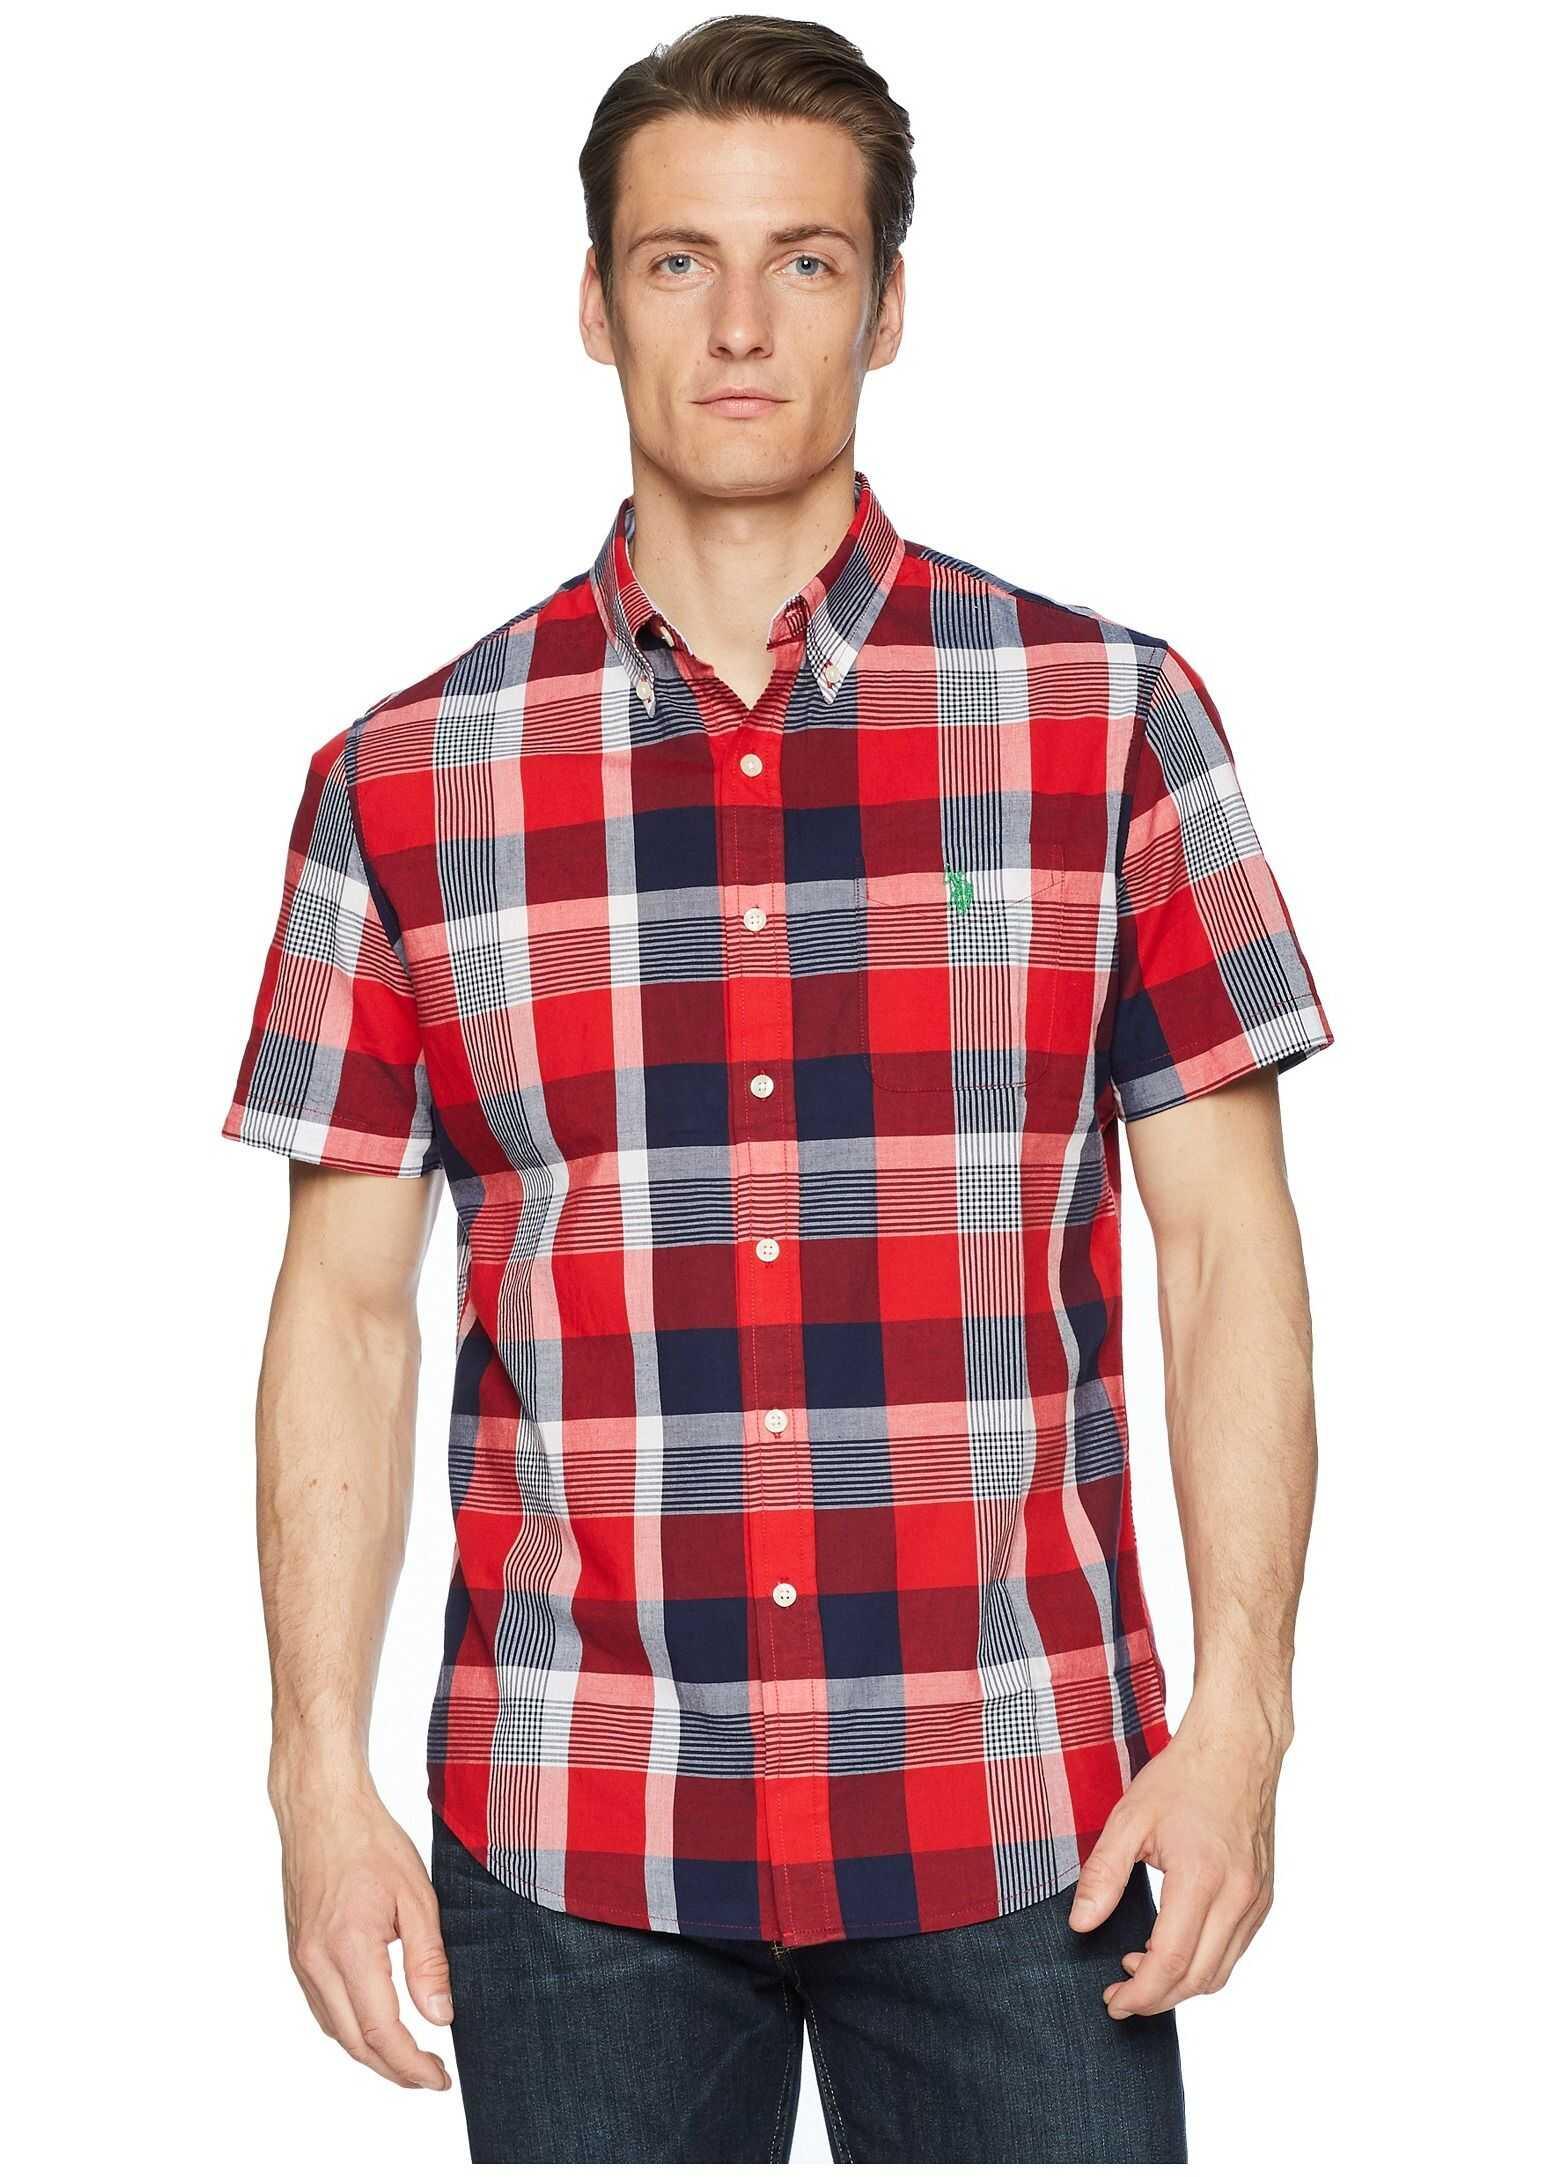 U.S. POLO ASSN. Plaid Woven Shirt Winning Red